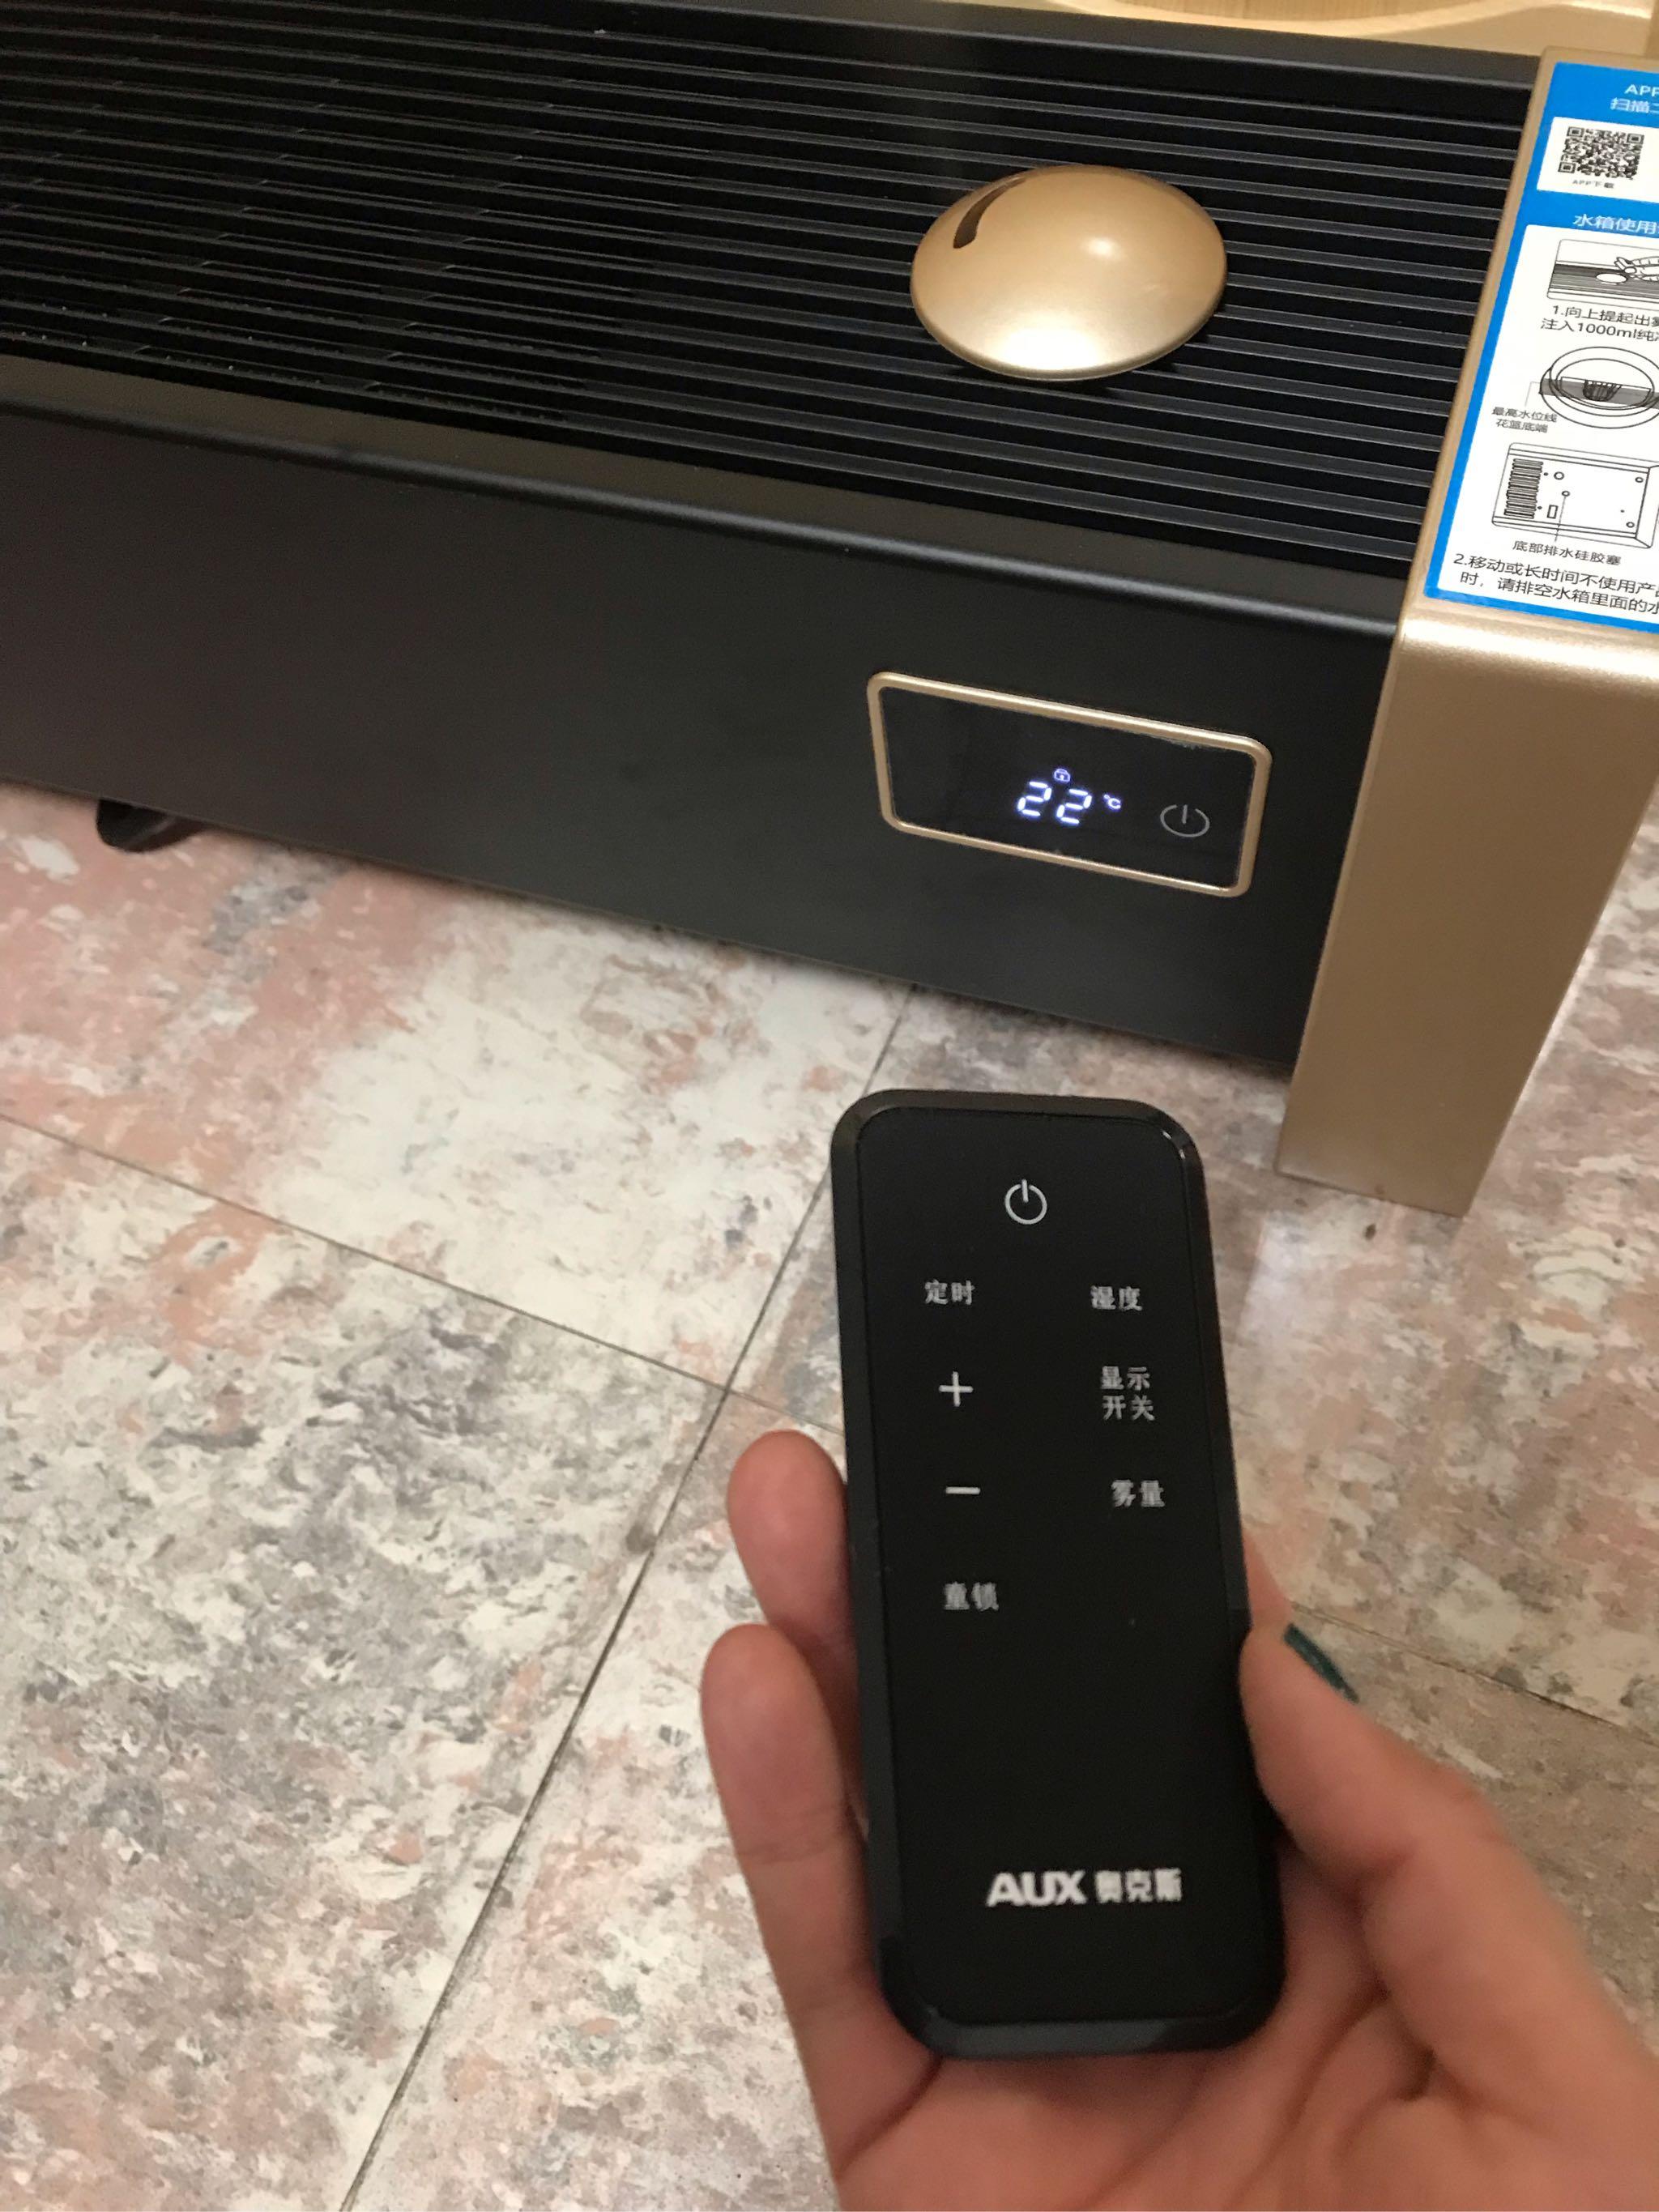 真实评测奥克斯踢脚线取暖器怎么样,奥克斯取暖器优缺点质量体验分析!